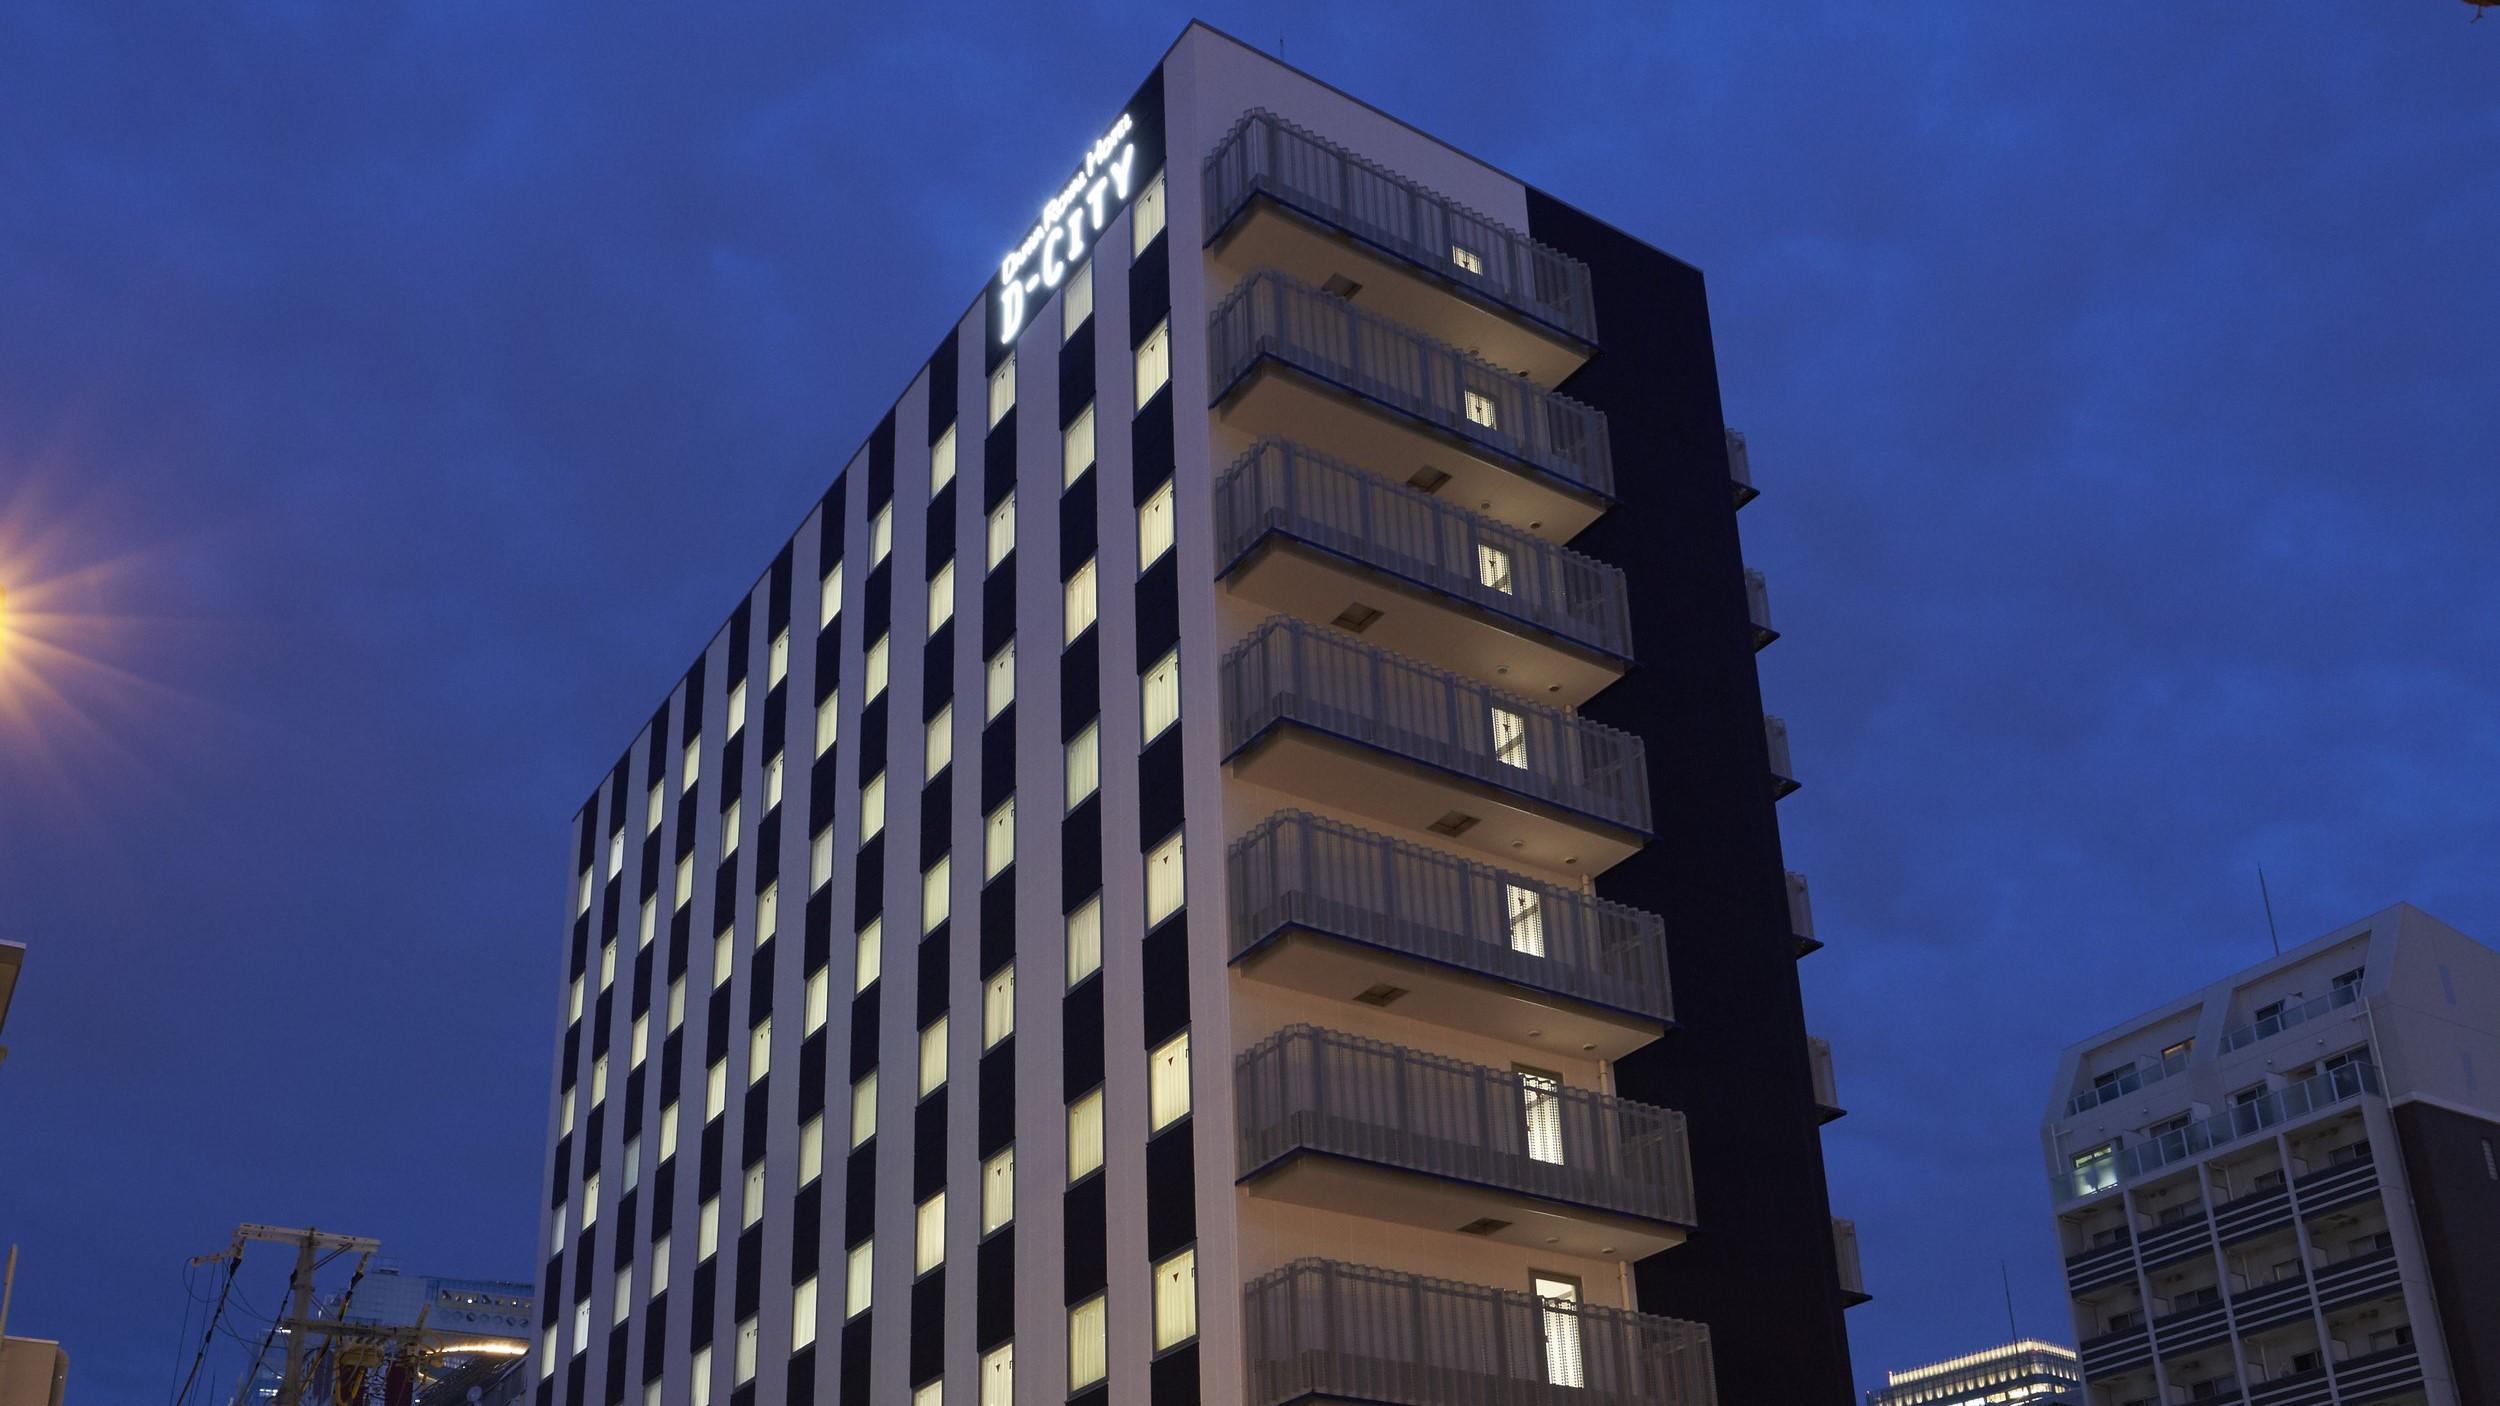 ダイワロイヤルホテル D-CITY 大阪新梅田...